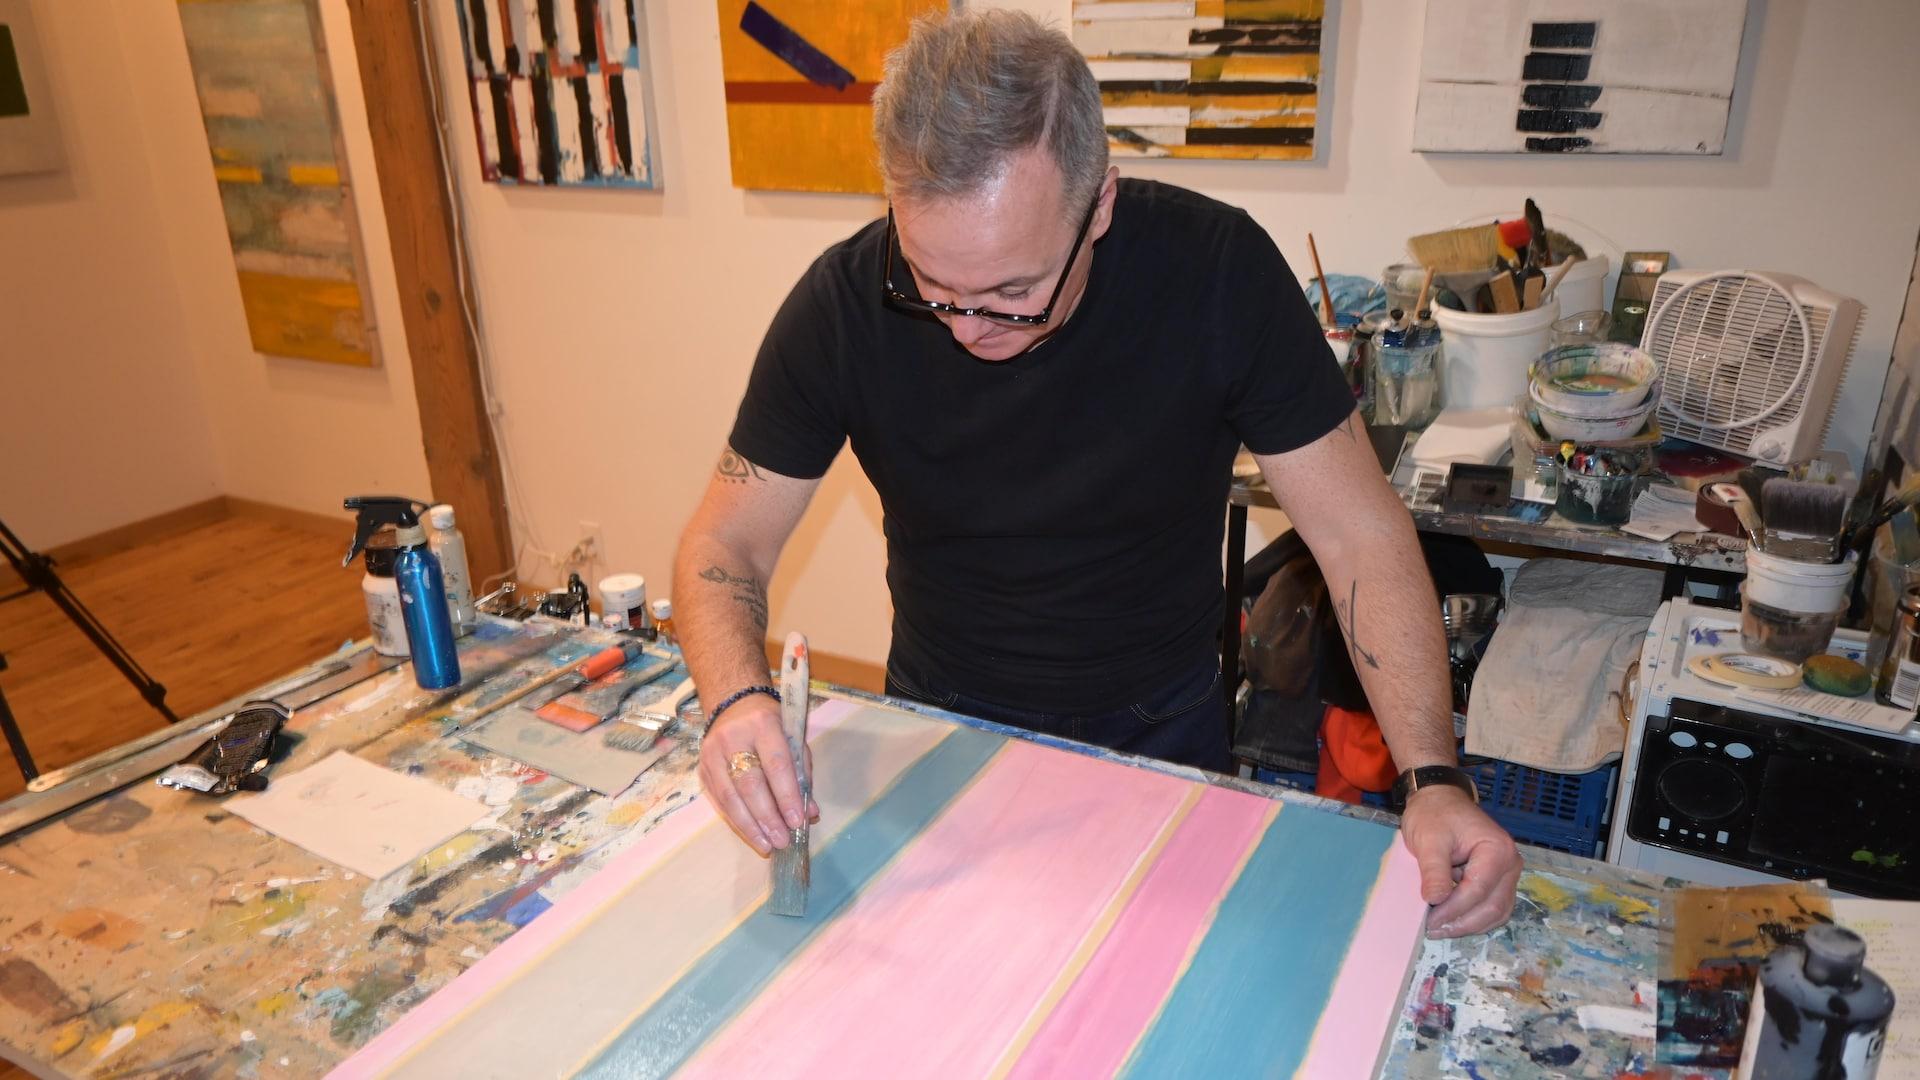 À l'aide d'un pinceau, l'artiste Jean-François Godbout applique de la peinture sur sa toile.